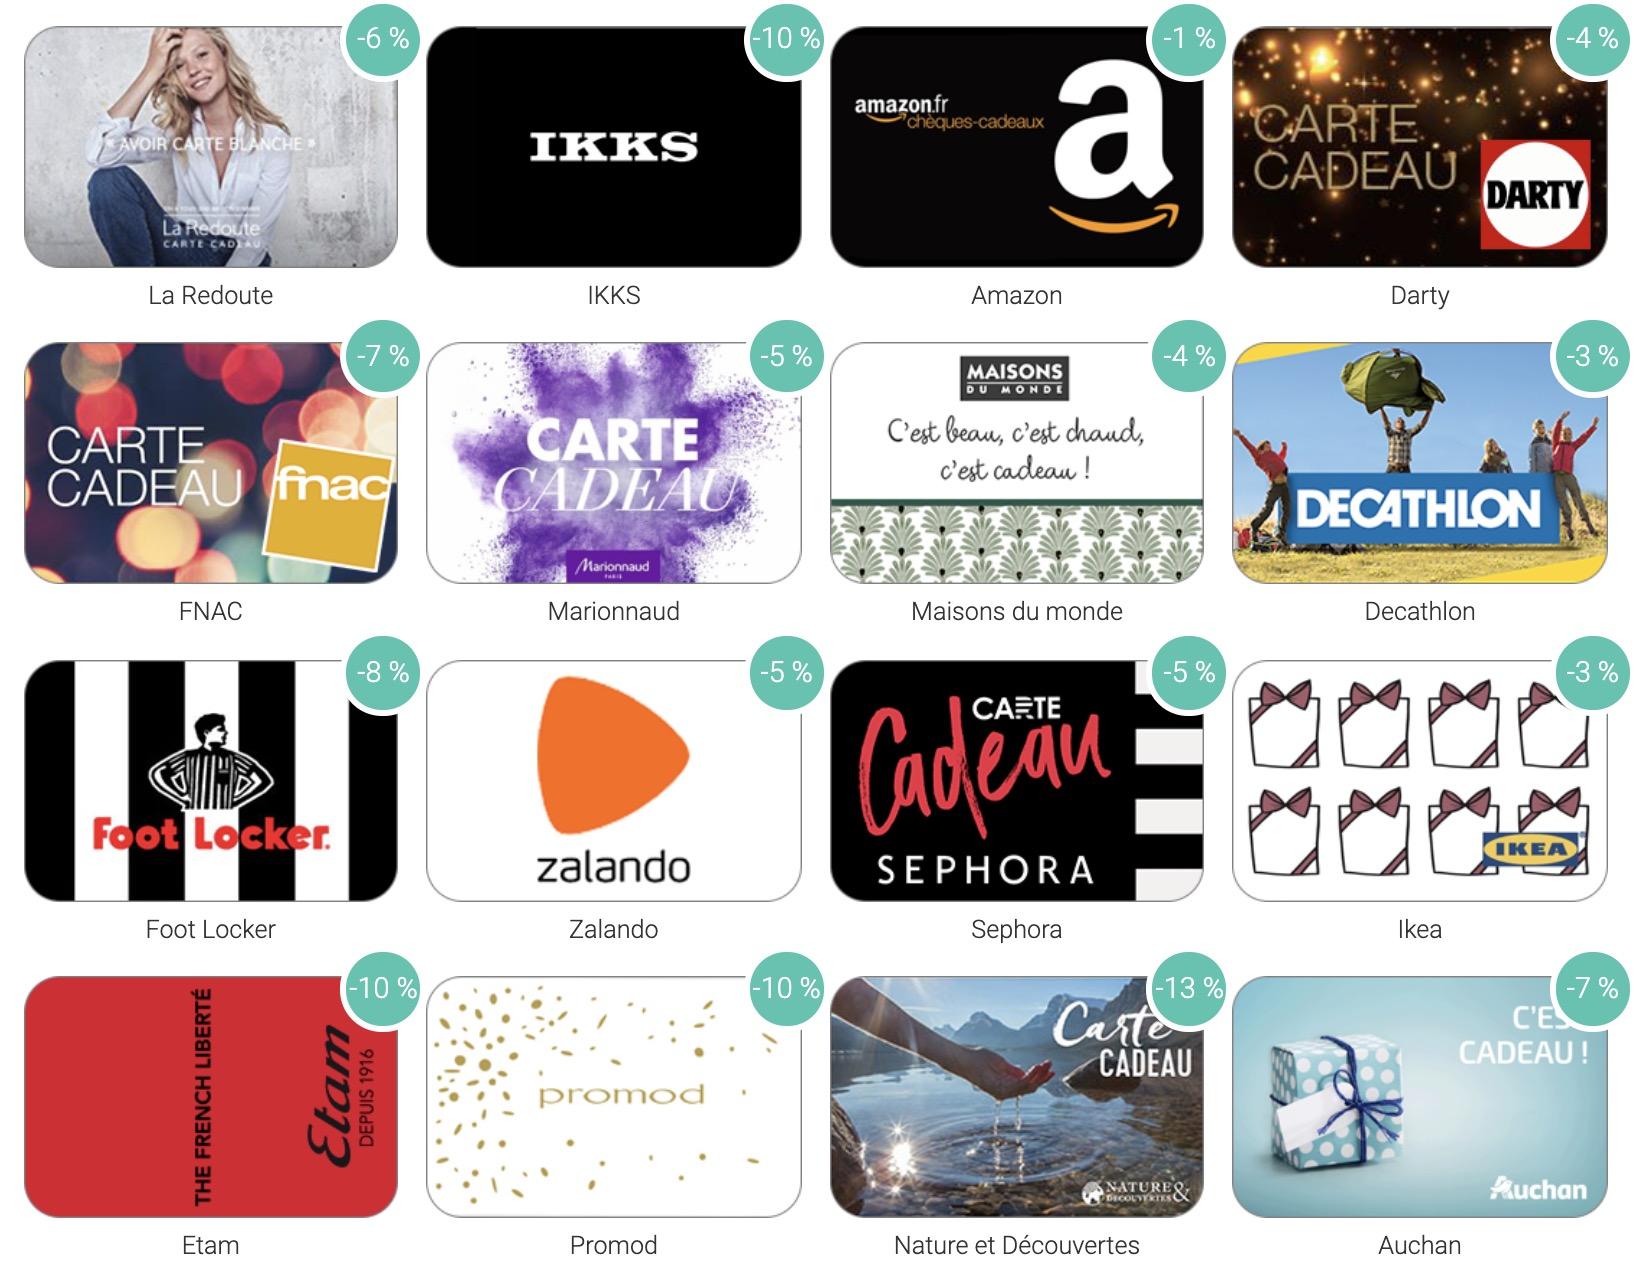 Code promo Place Des Cartes : Economisez jusqu'à -20% supplémentaires pendant les soldes grâce aux bons d'achat à prix réduits